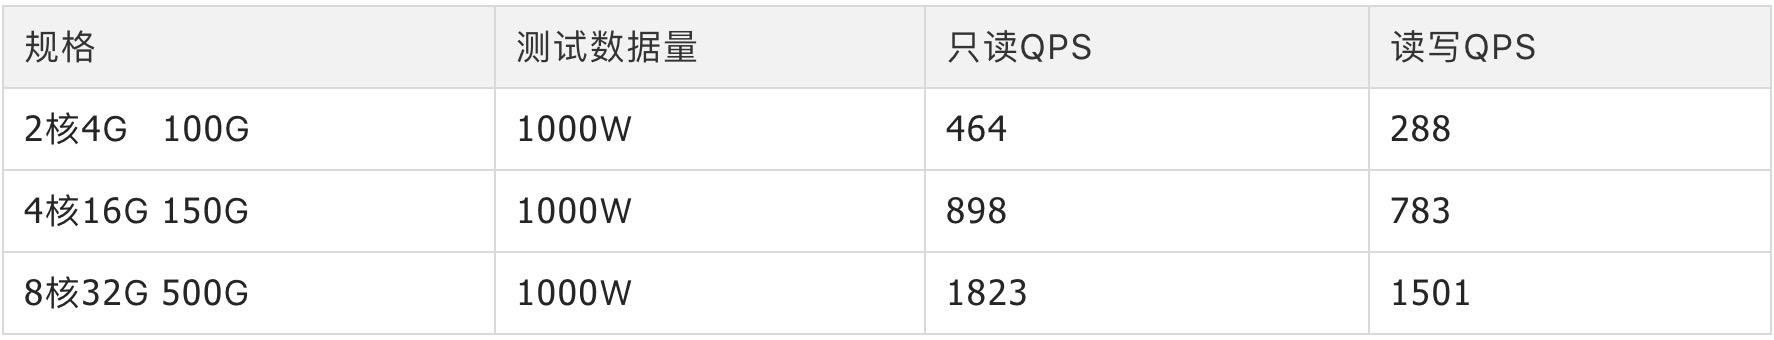 r-qps-1000-table